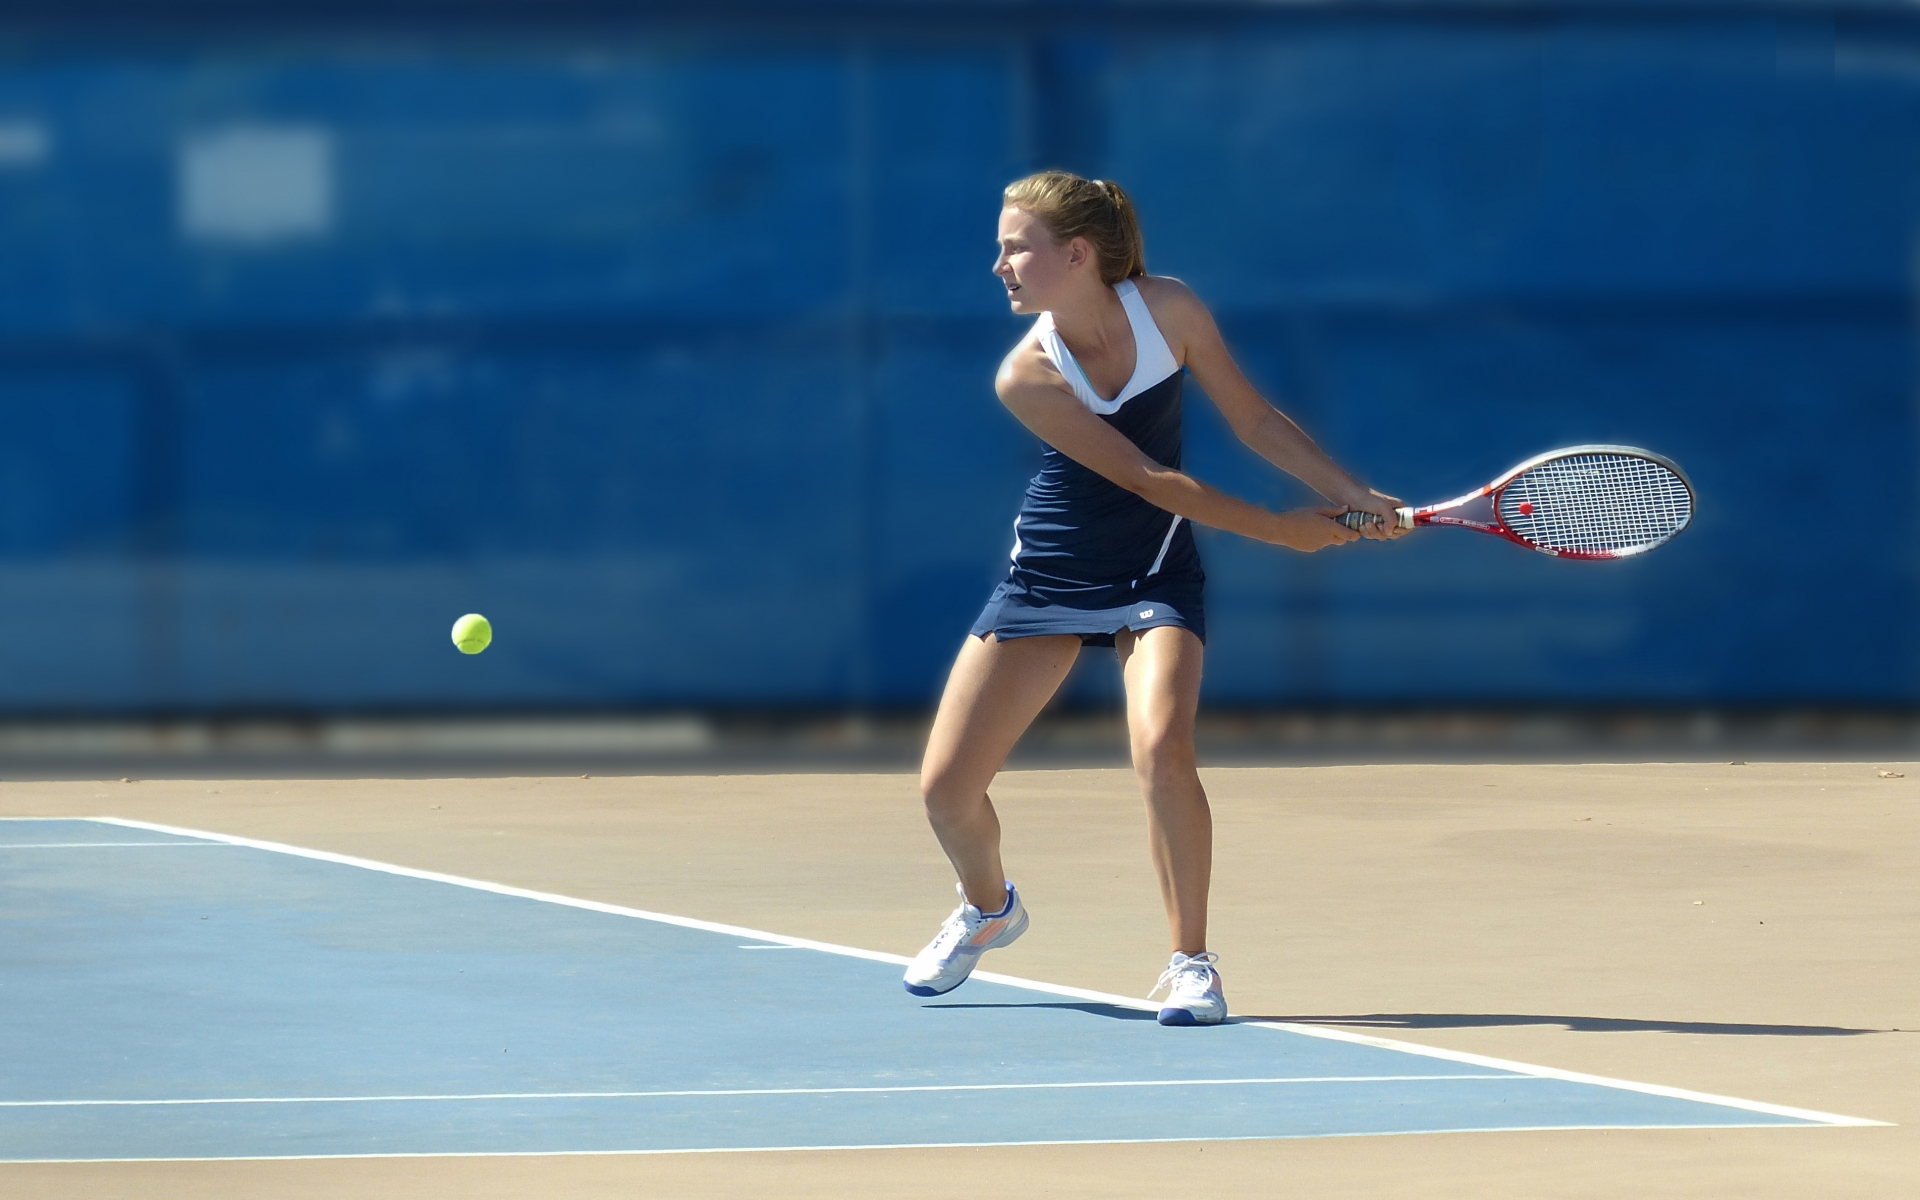 Chicas jugando tenis - 1920x1200